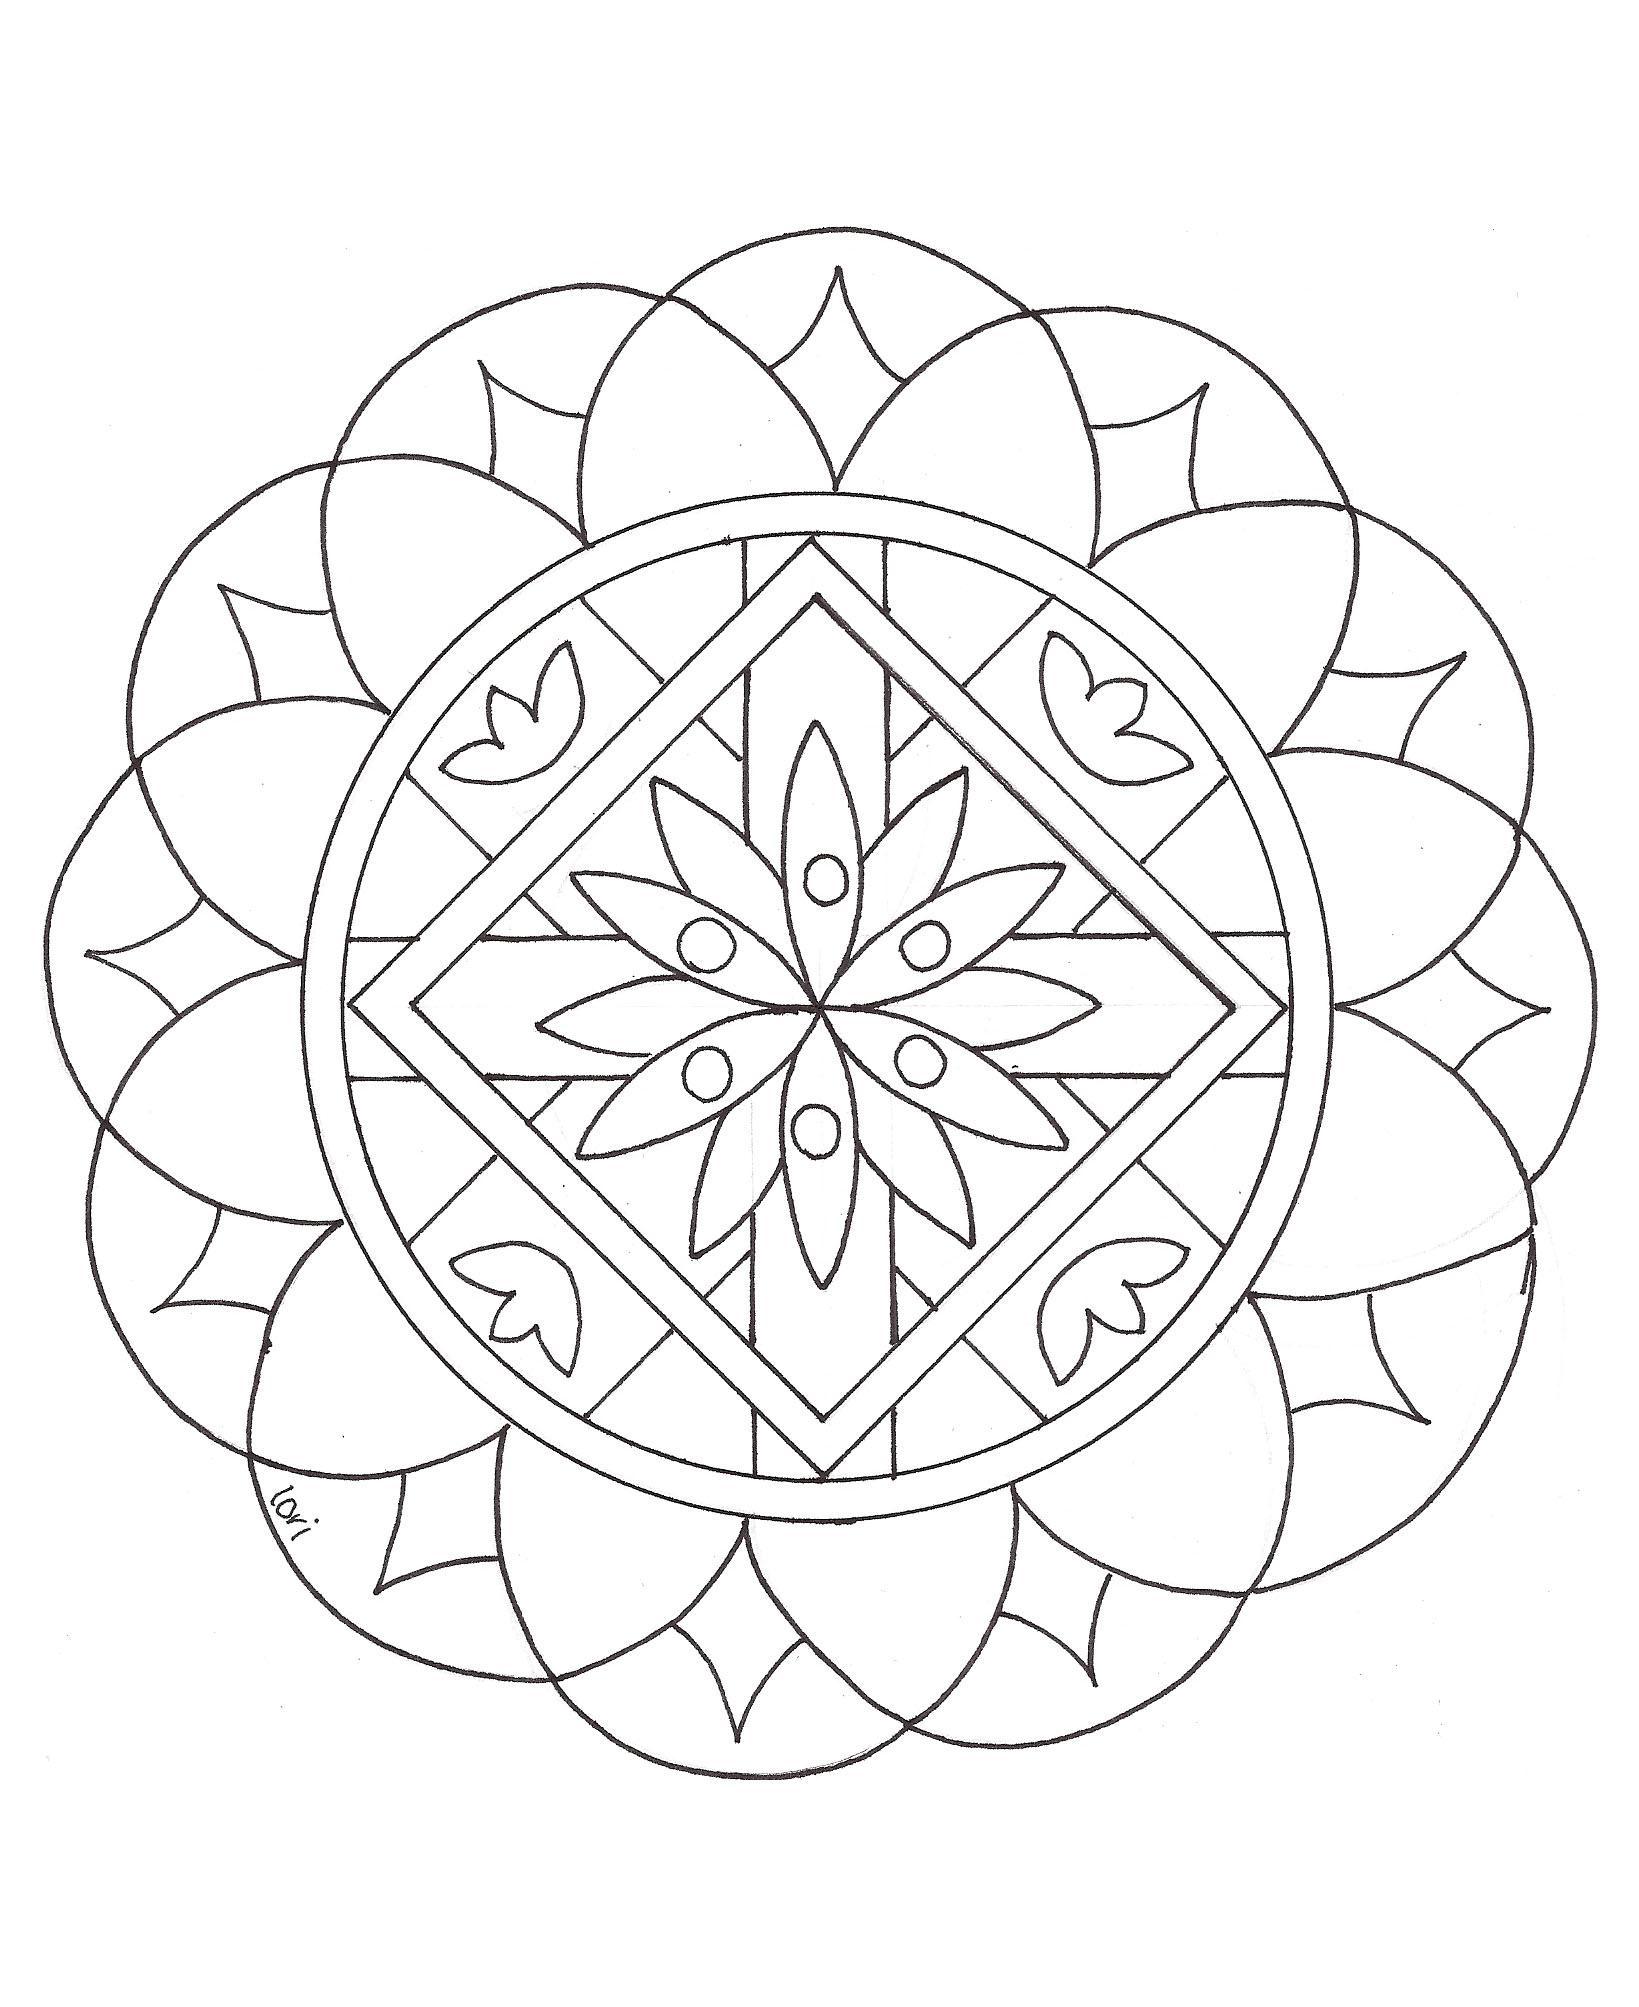 Mandalas 21433 Mandalas Colorear Para Adultos